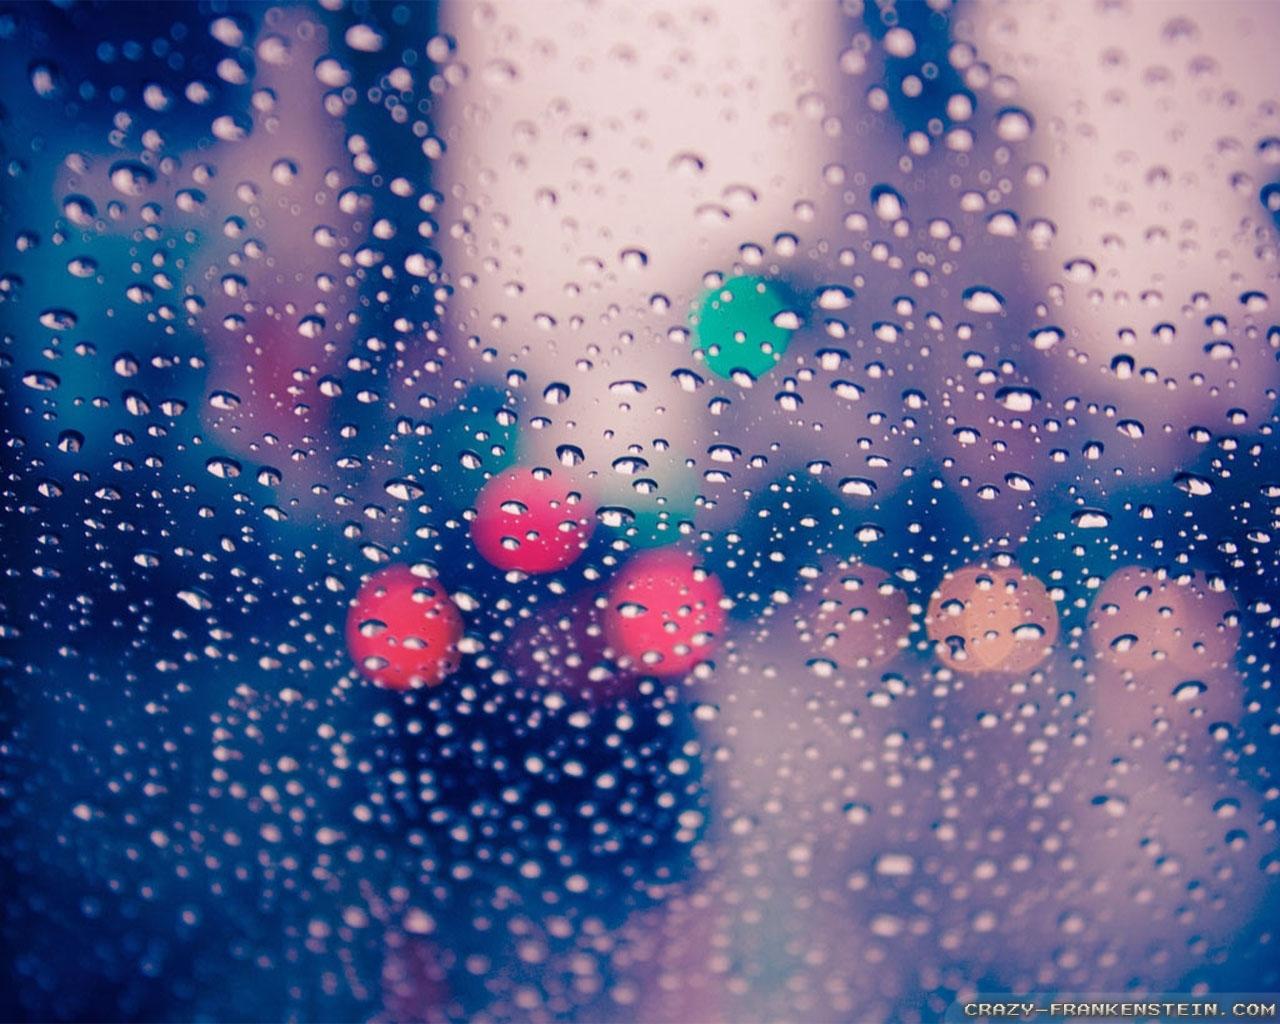 romantic rain wallpapers - crazy frankenstein